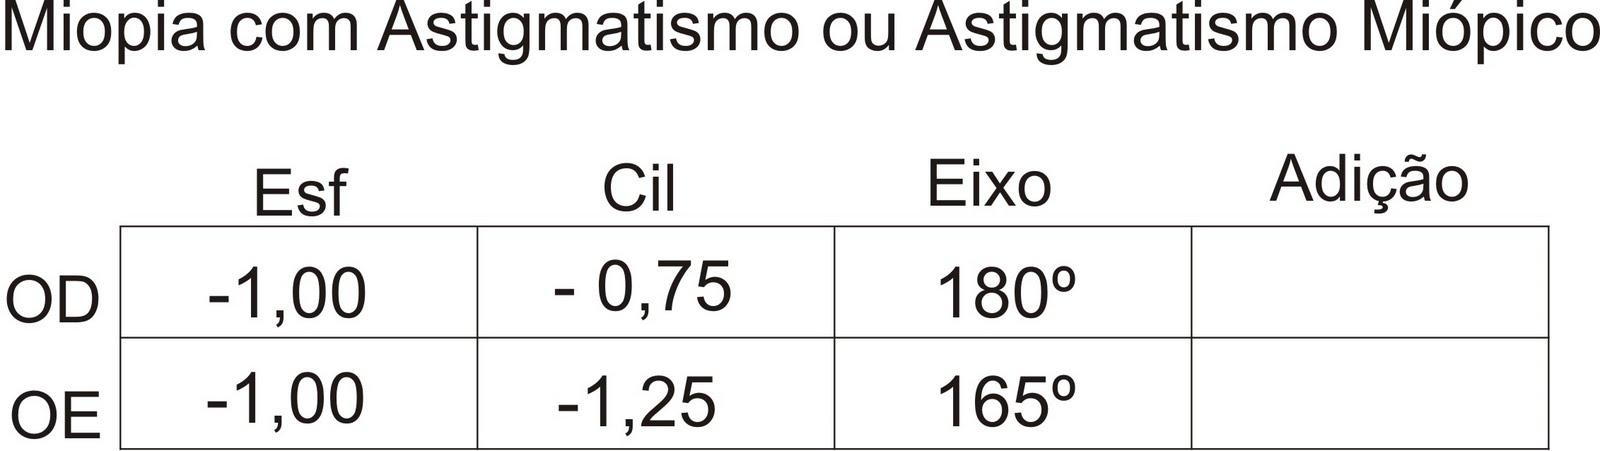 Astigmatismo - Para avaliar somente o astigmatismo, alteração da córnea que  provoca vários pontos de foco das imagens, existe a coluna chamada  Cilíndrico, ... 043c779c91